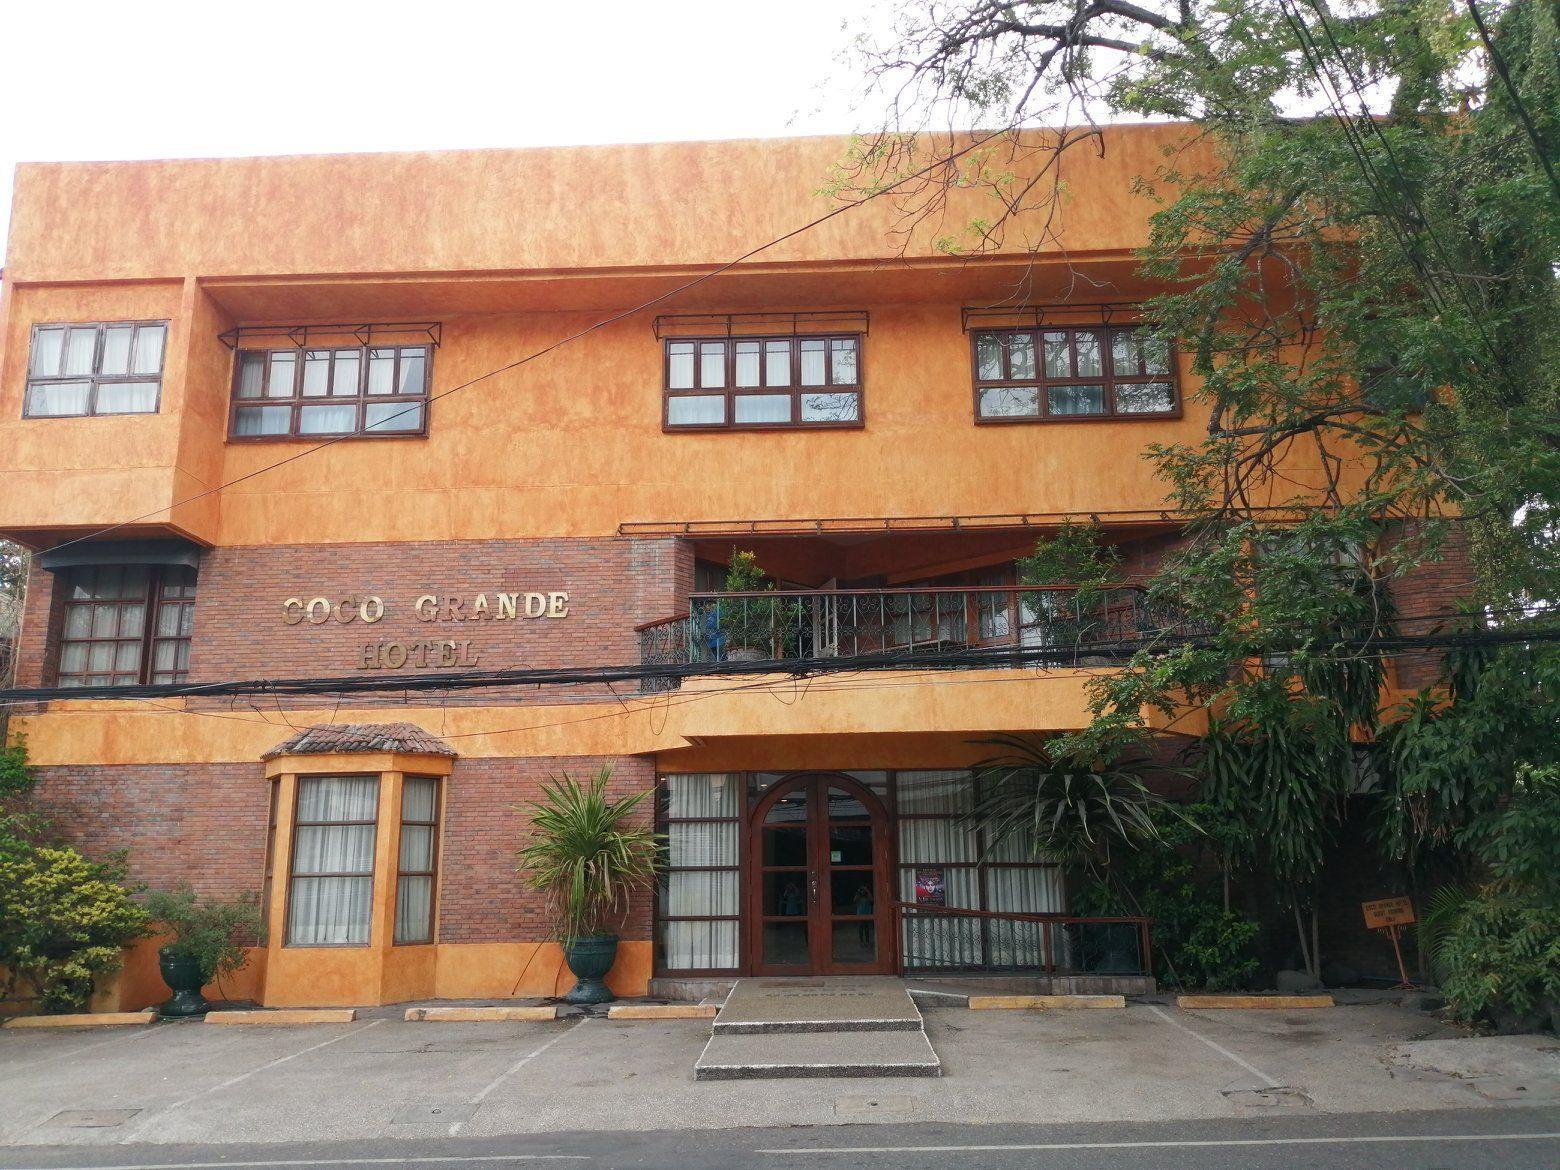 Coco Grande Hotel